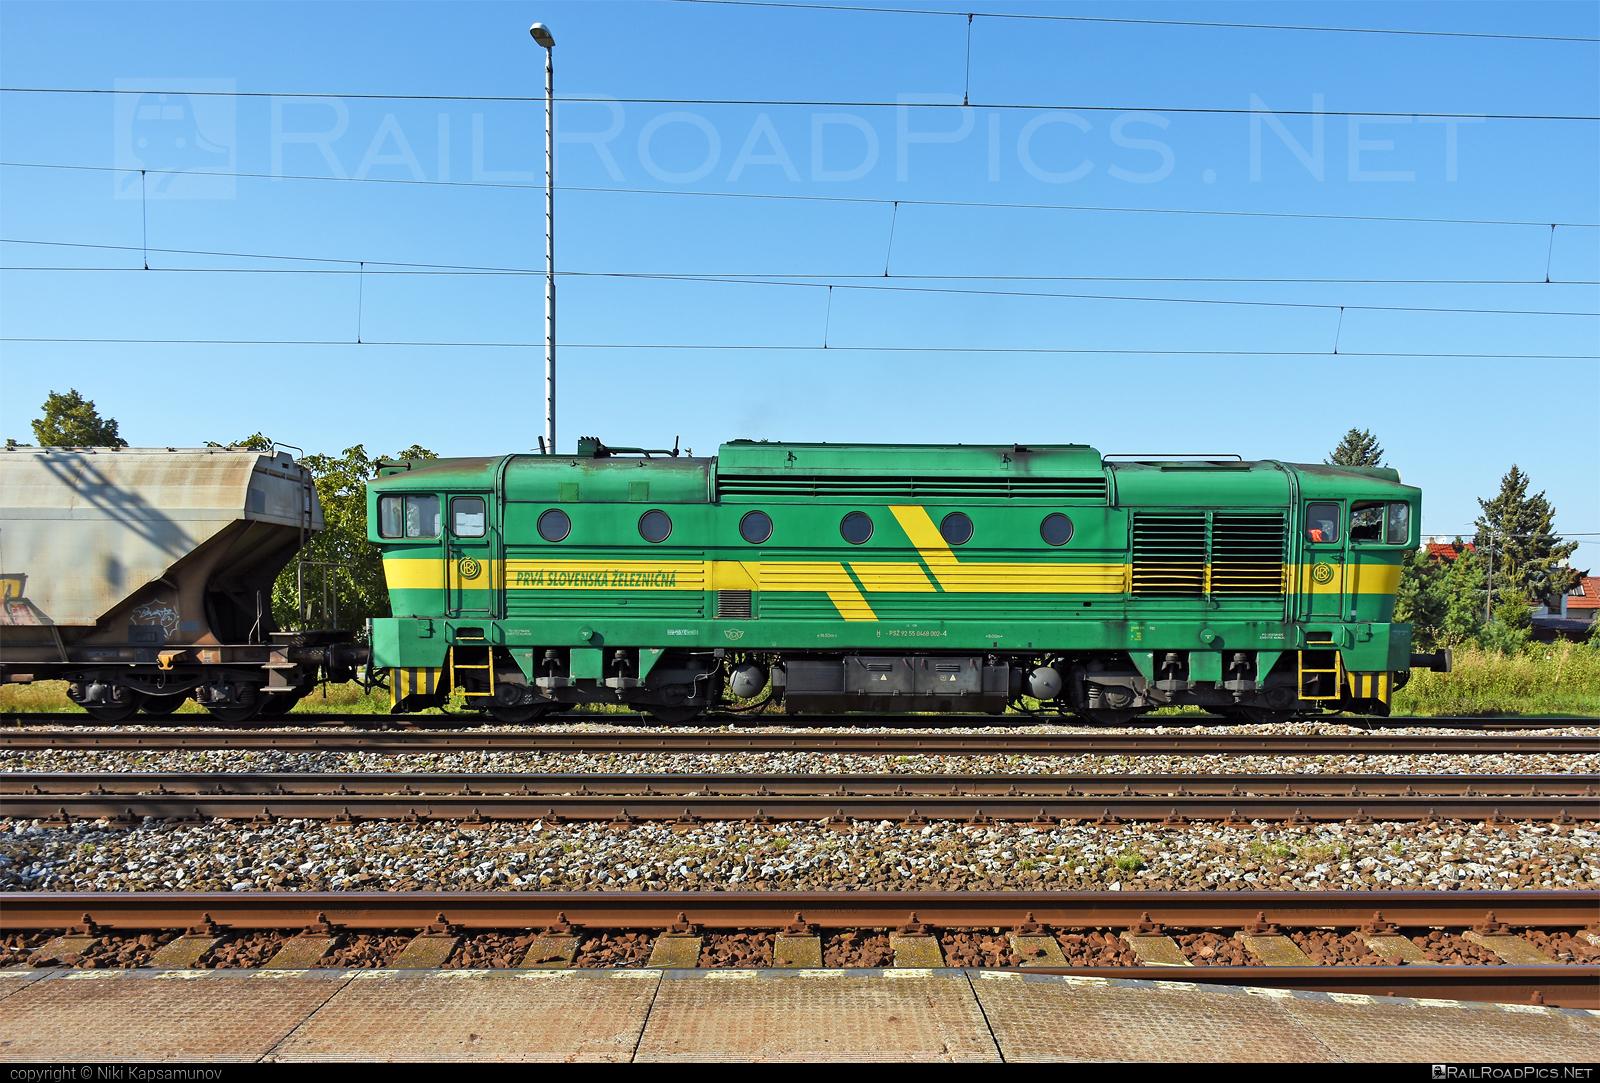 ČKD T 478.3 (753) - 468 002-4 operated by Prvá Slovenská železničná, a.s. #brejlovec #ckd #ckdclass753 #ckdt4783 #locomotive753 #okuliarnik #prvaslovenskazeleznicna #prvaslovenskazeleznicnaas #psz